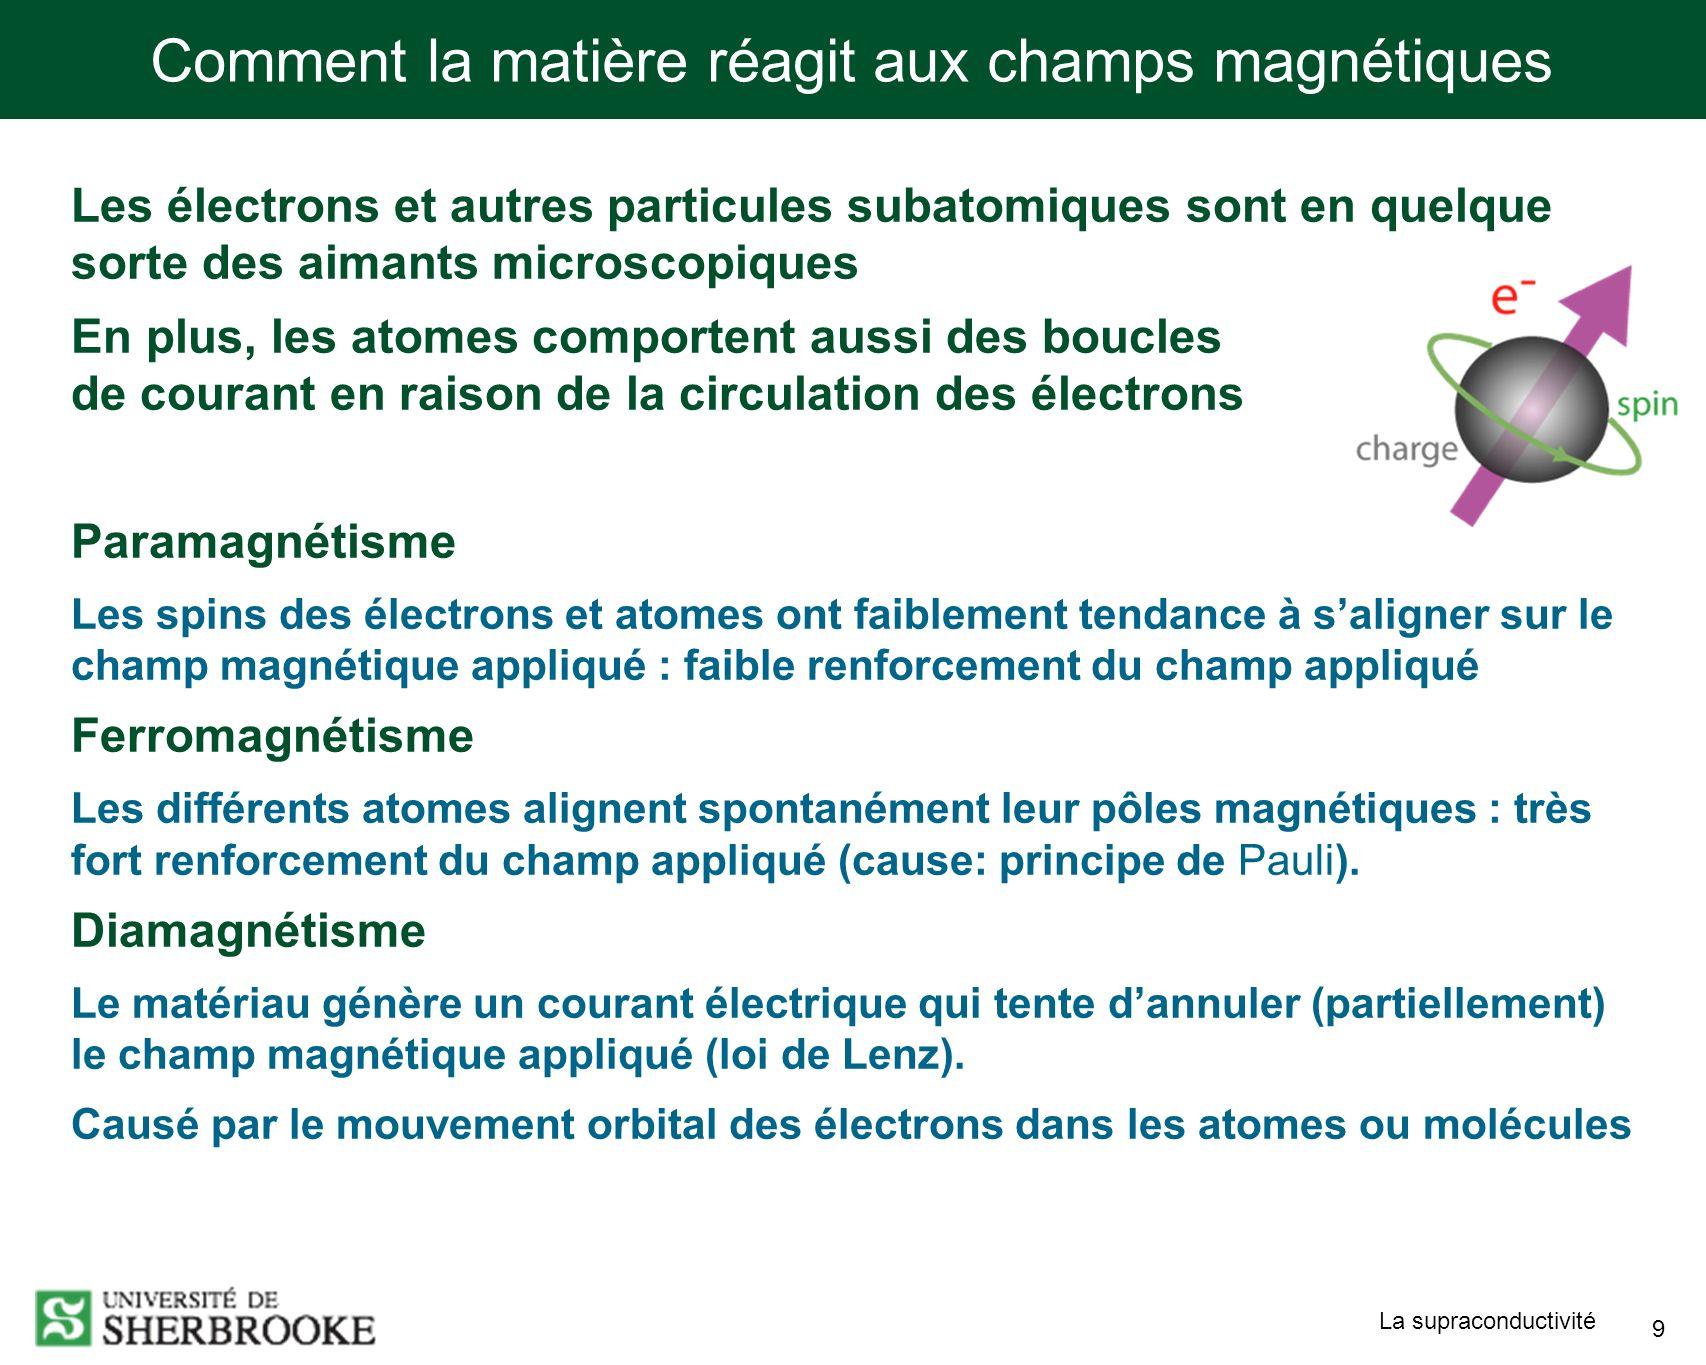 Comment la matière réagit aux champs magnétiques